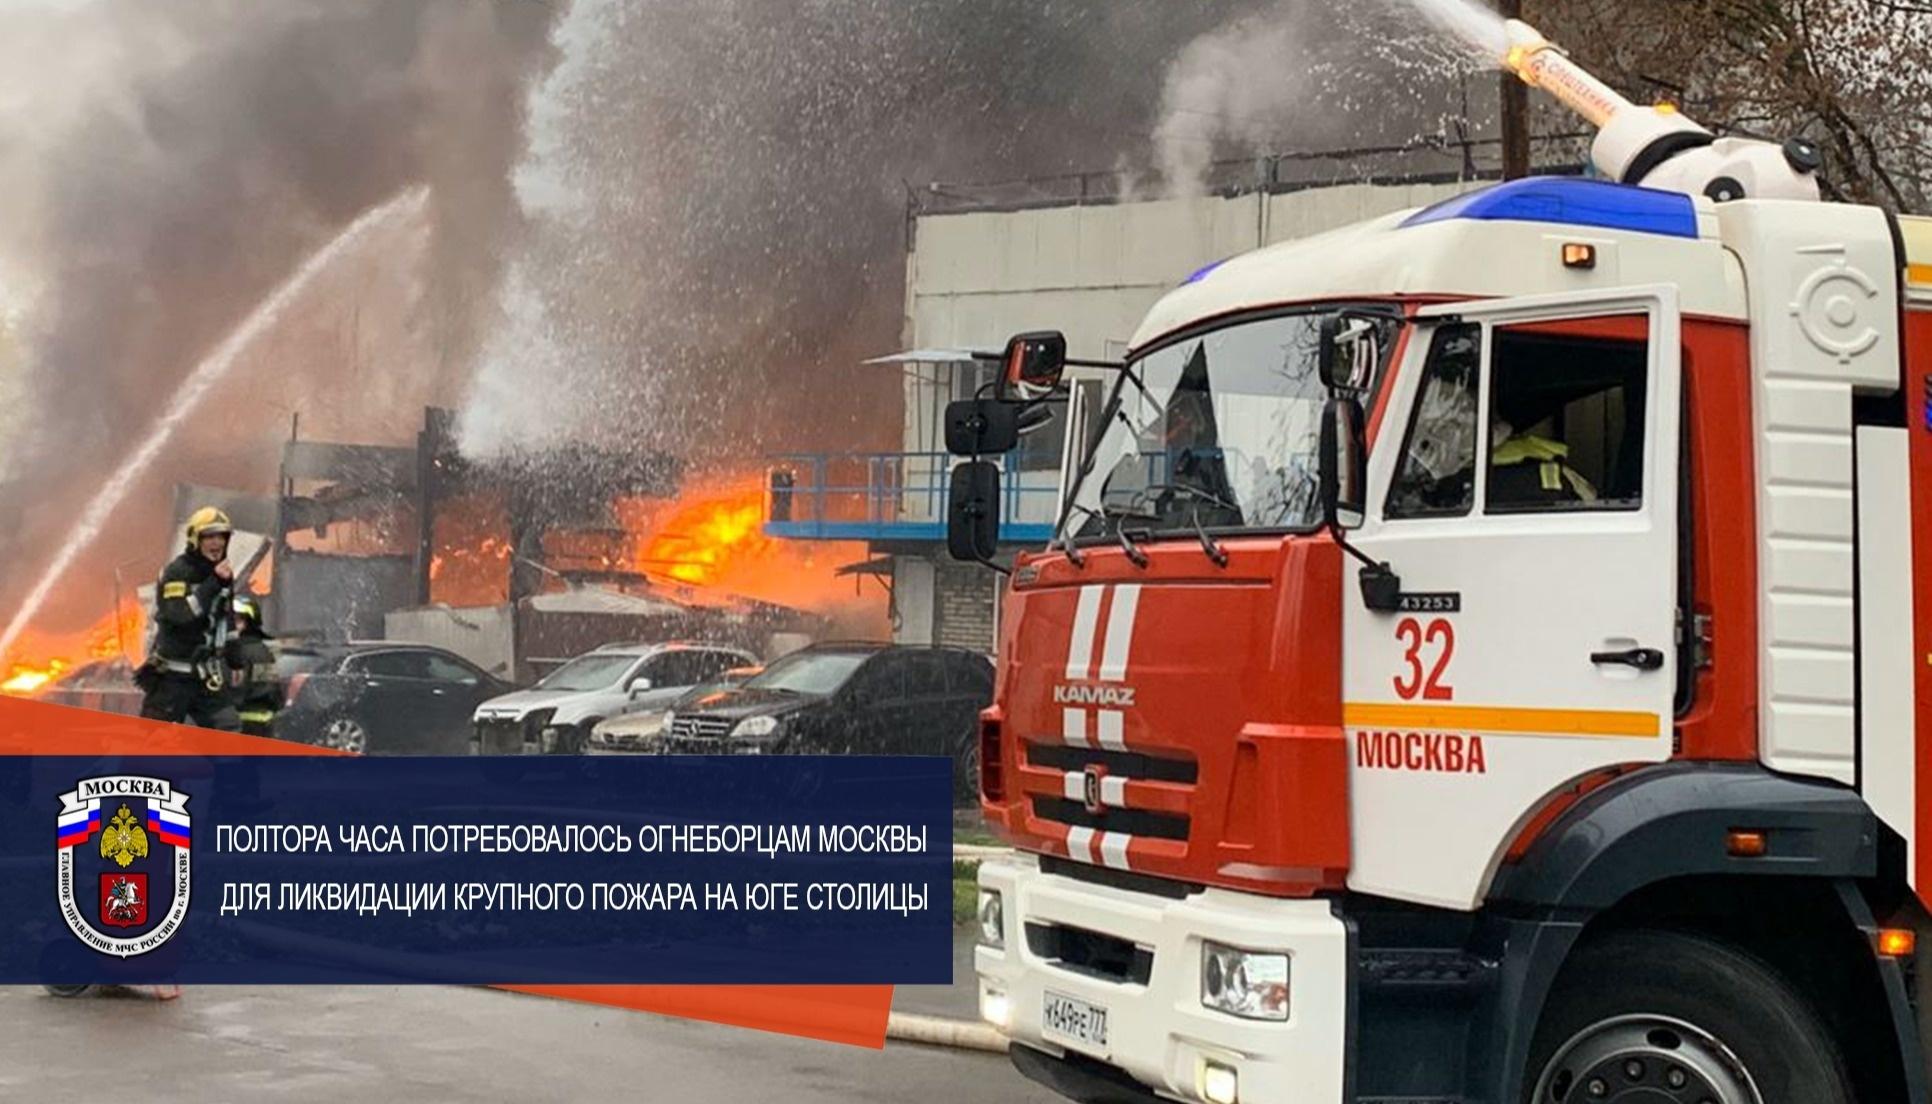 Полтора часа потребовалось огнеборцам Москвы для ликвидации крупного пожара на юге столицы